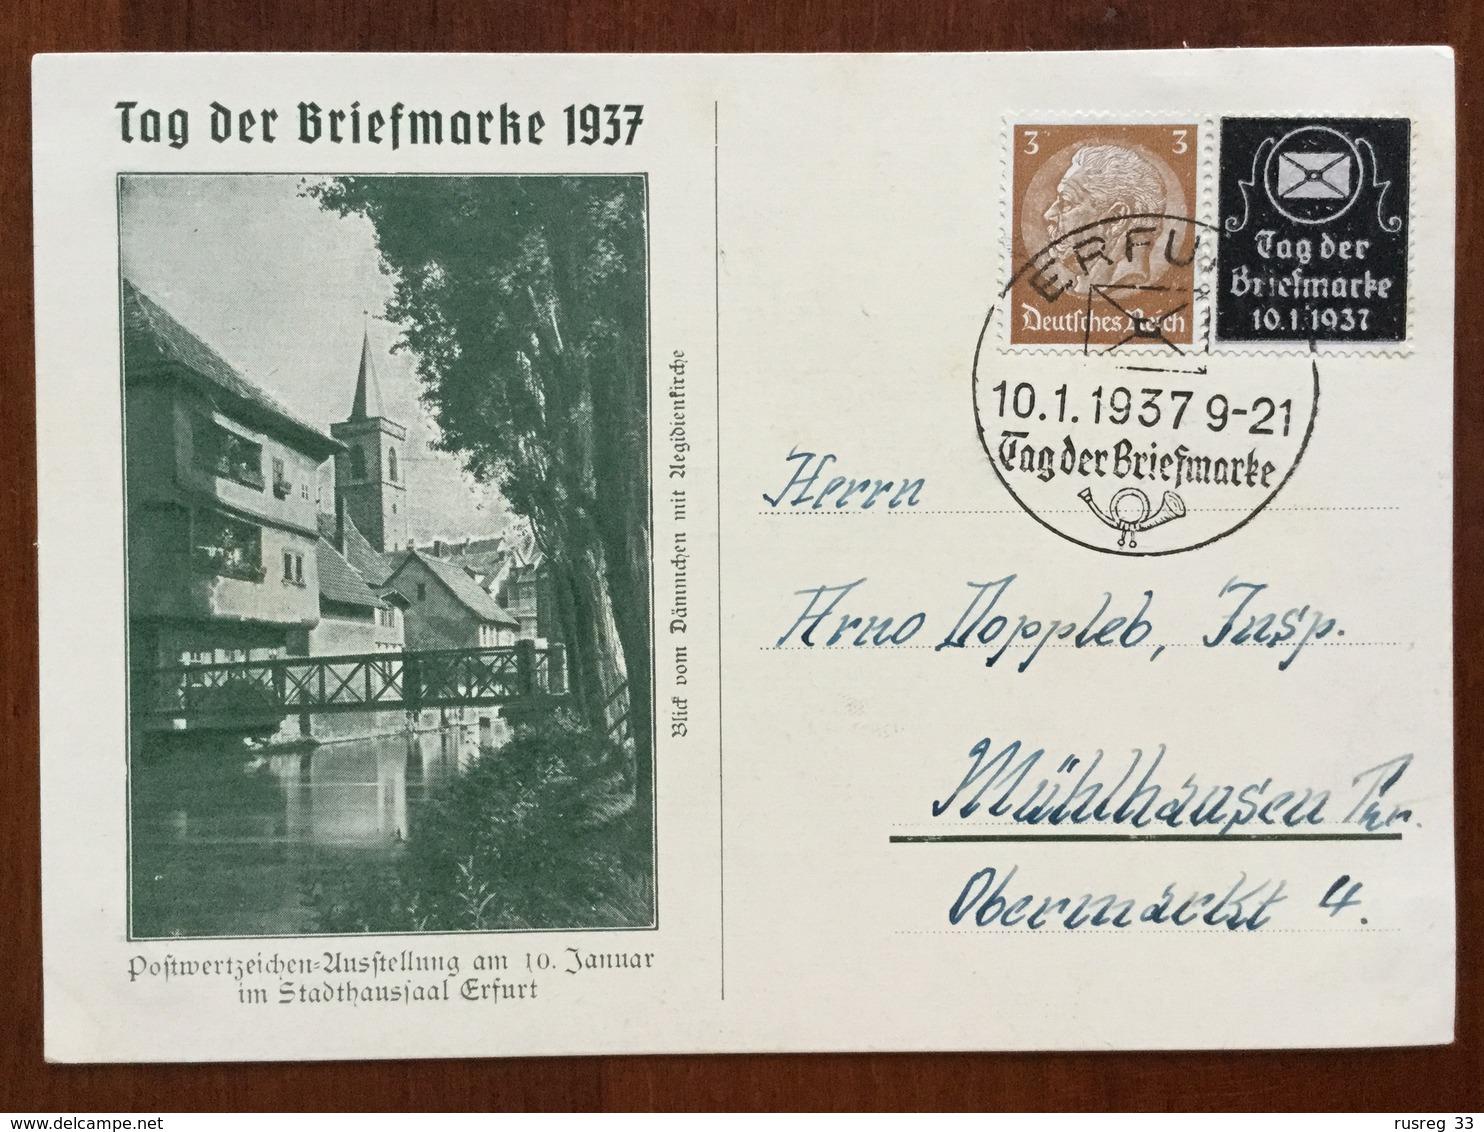 K5 Deutsches Reich 1937 Sonderkarte Tag Der Briefmarke Mit Sst. Erfurt - Allemagne